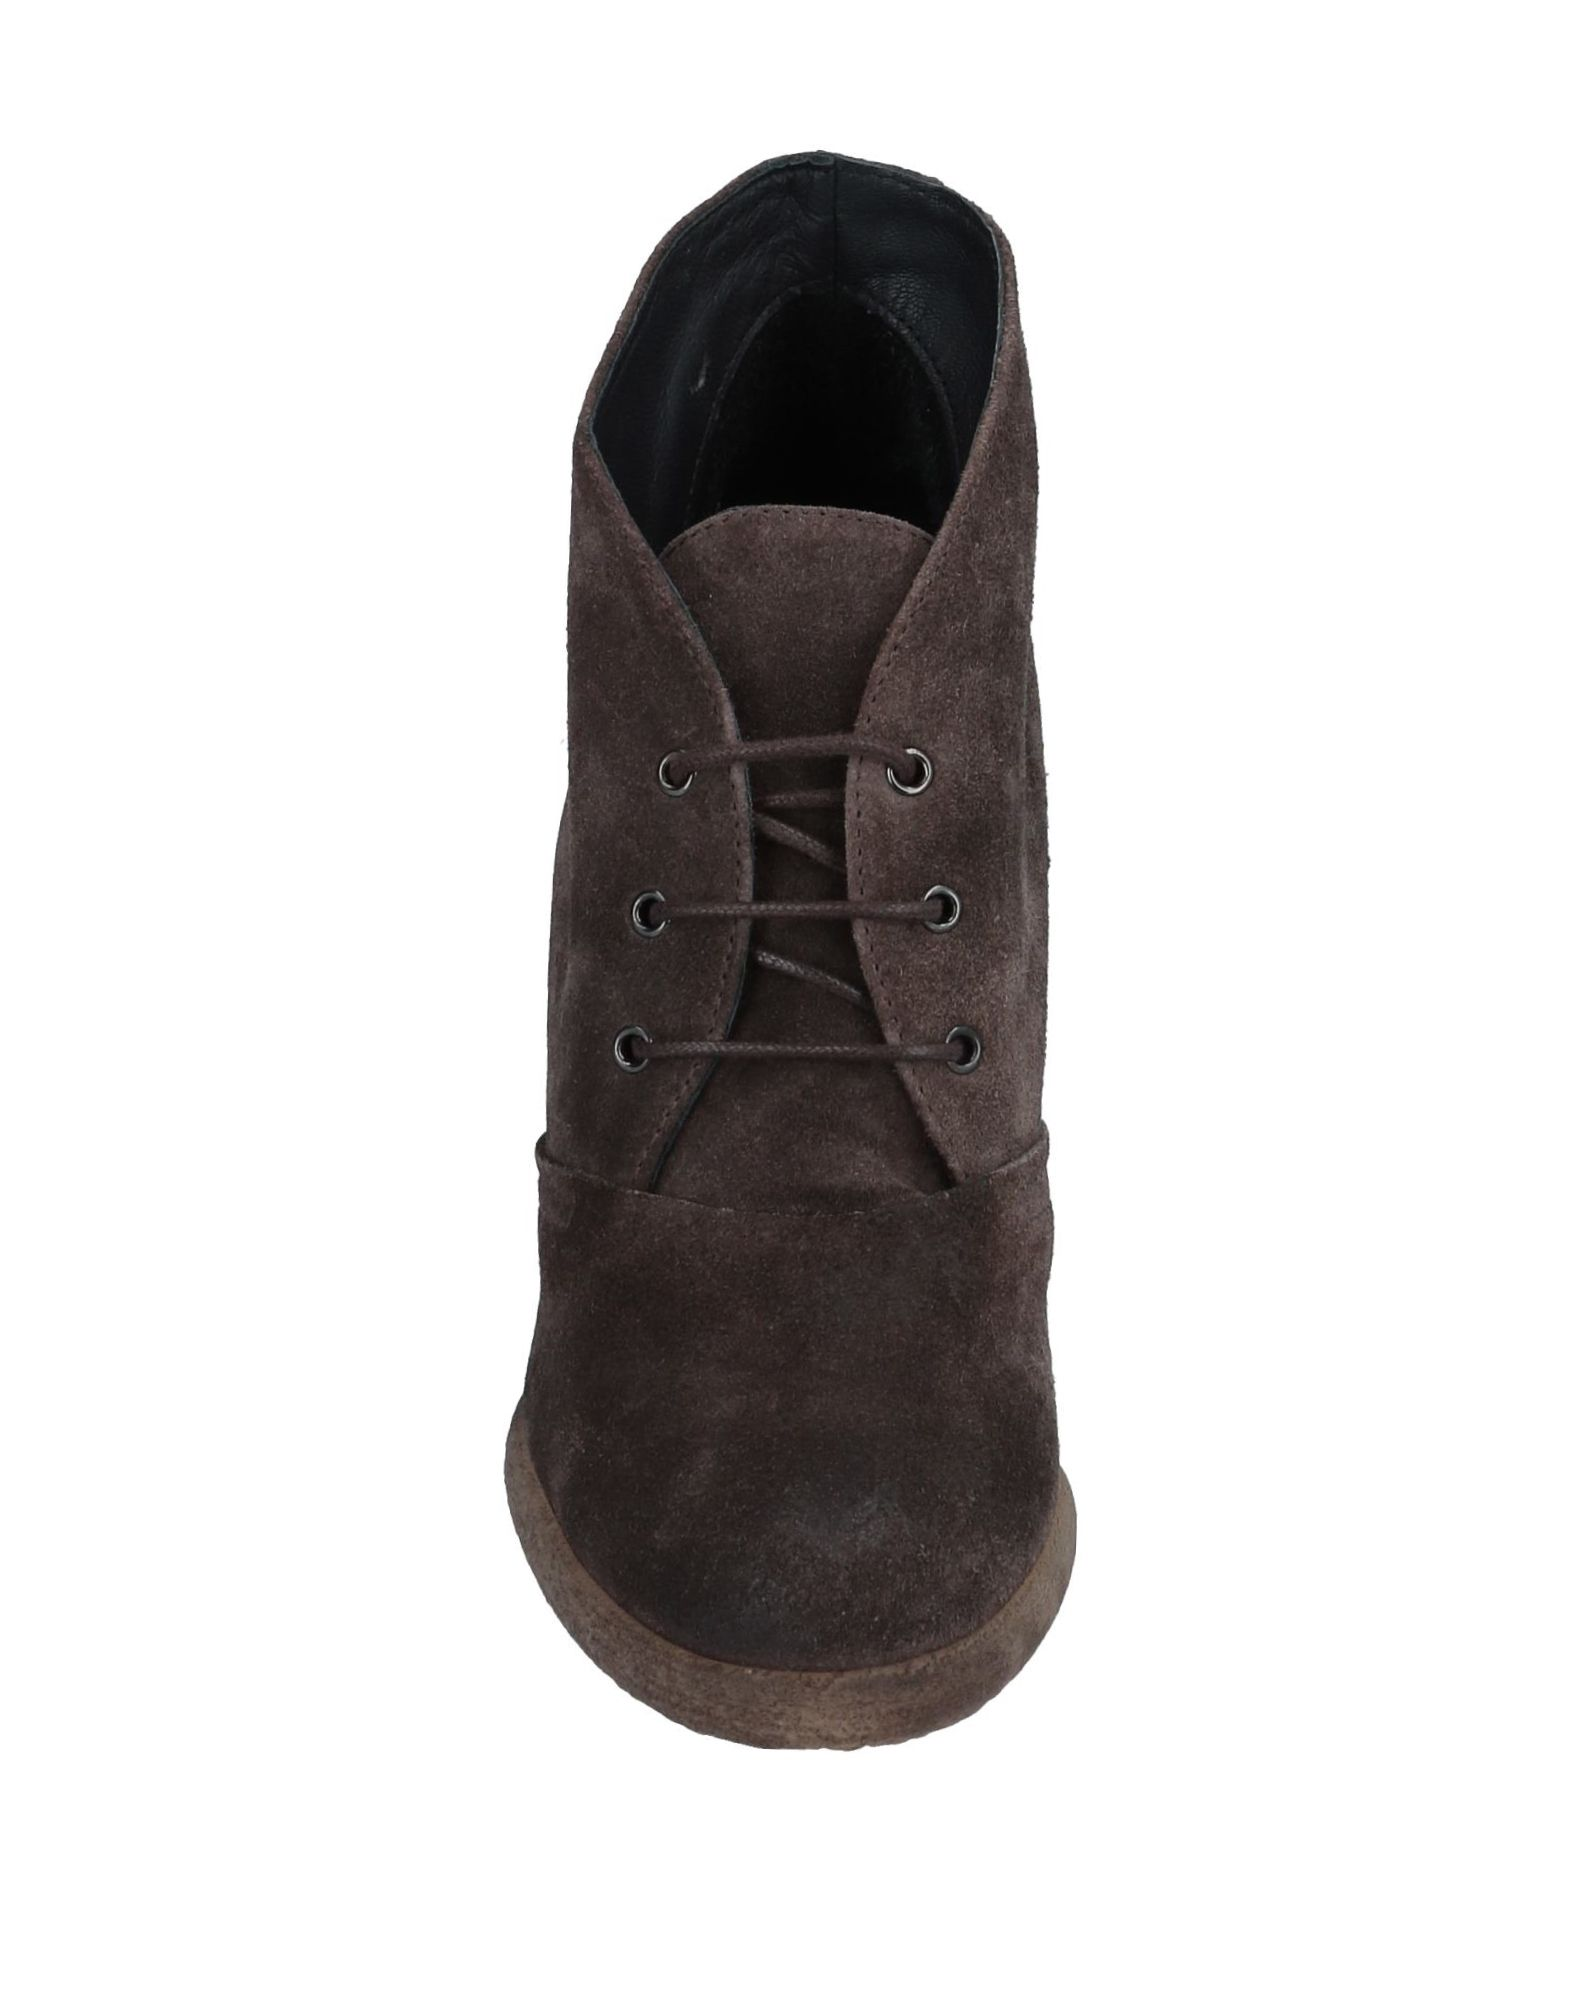 Gut um billige Schuhe zu  tragenAlberto Fermani Stiefelette Damen  zu 11546263WW 513736